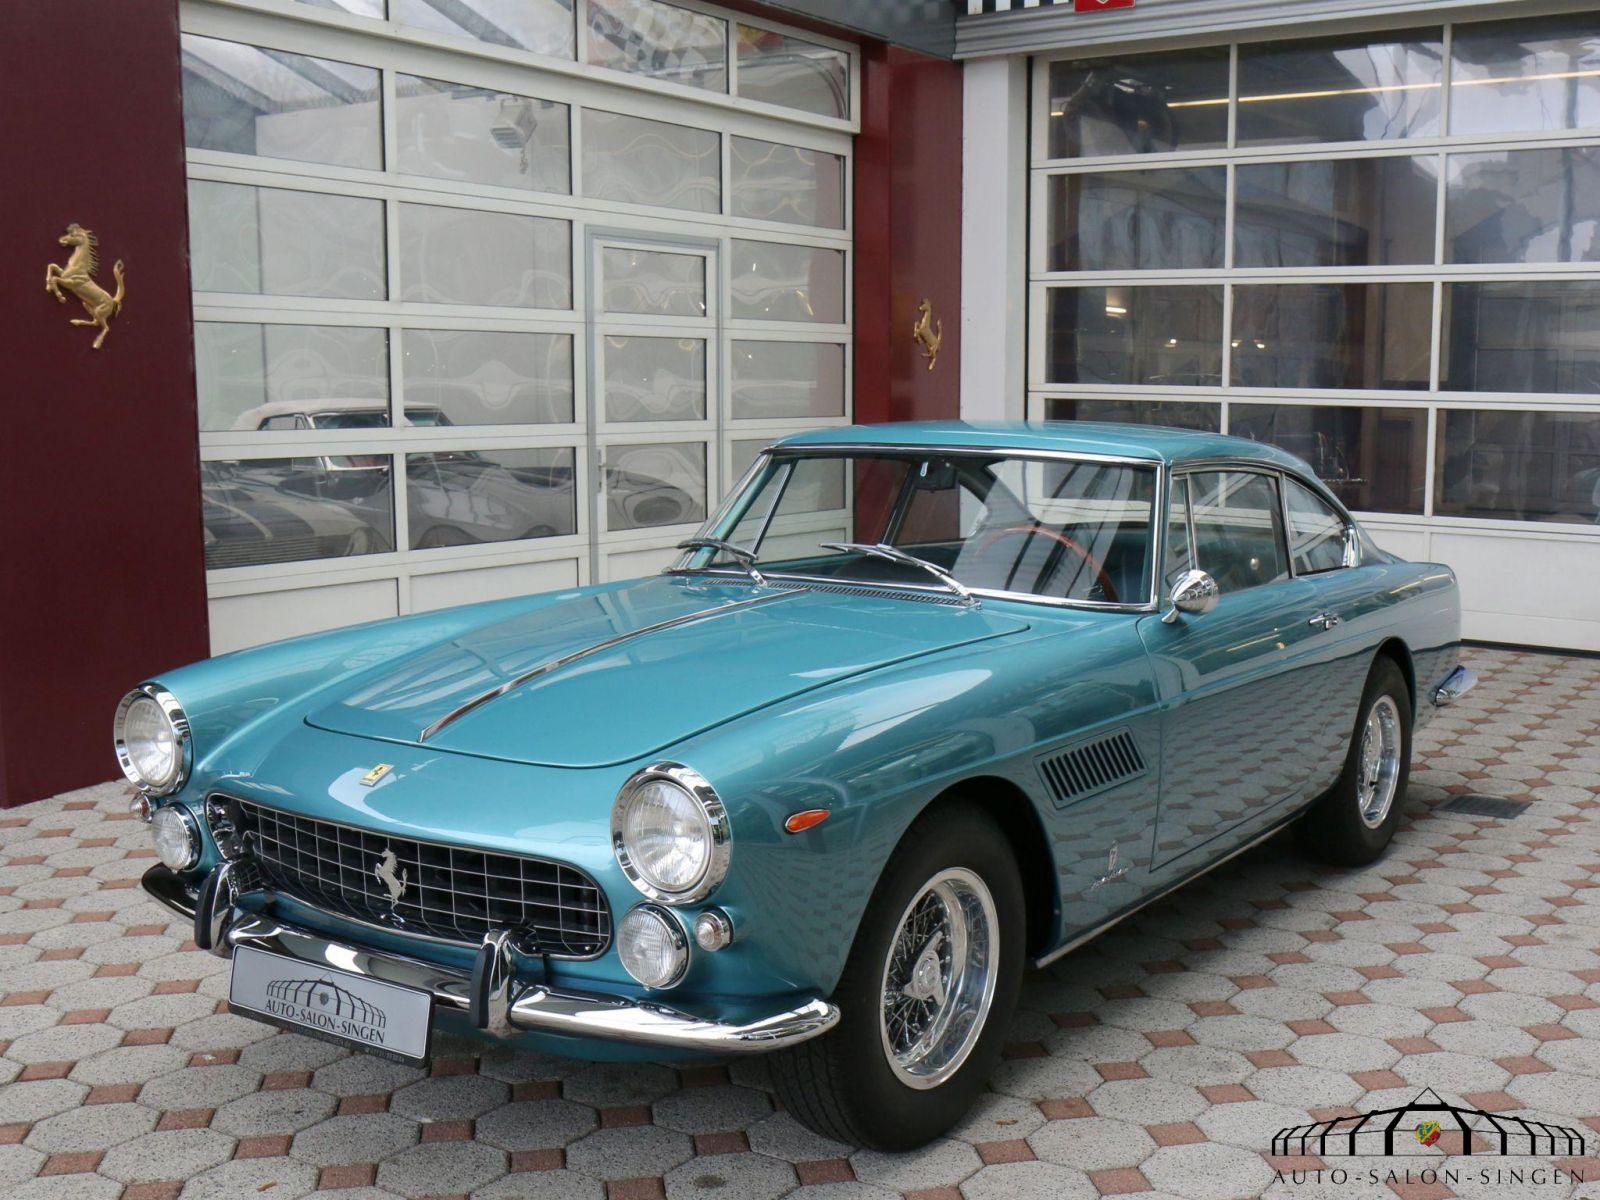 Ferrari 250 Gt E 2 2 Coupé Auto Salon Singen